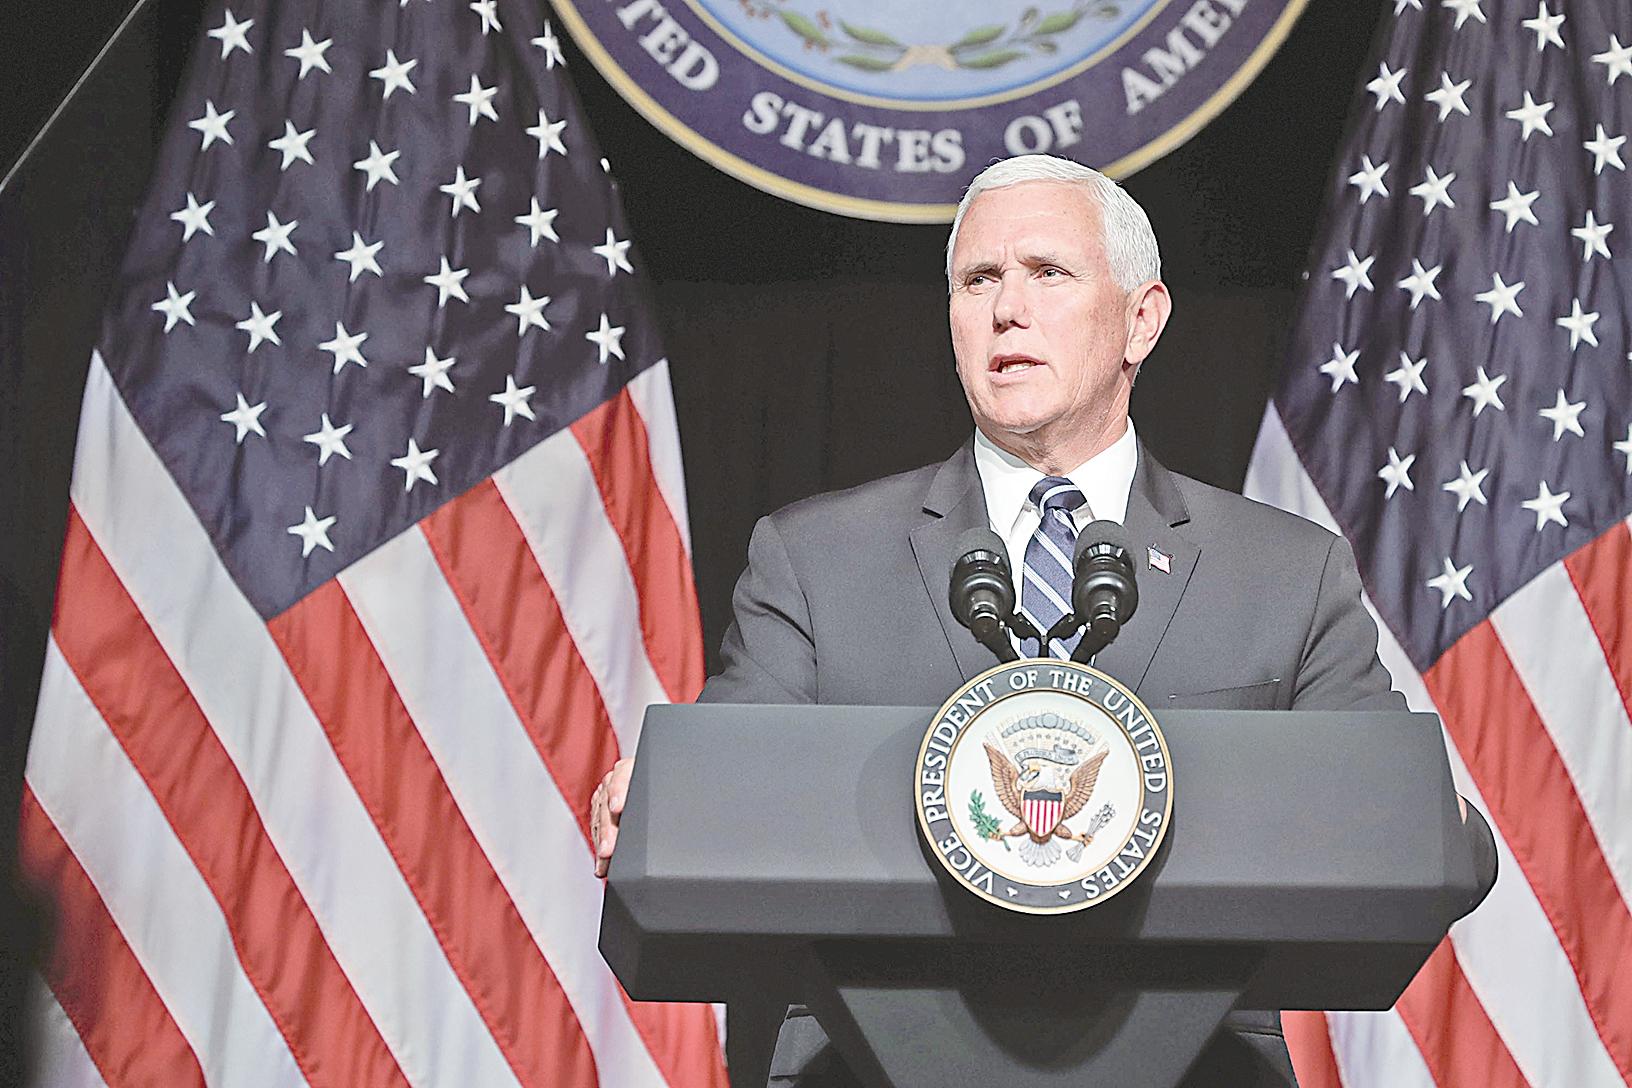 2018年10月4日,美國副總統彭斯(Mike Pence)在華盛頓智囊哈德遜研究所就中美關係發表演講,發出遏止中共訊號。(Getty Images)